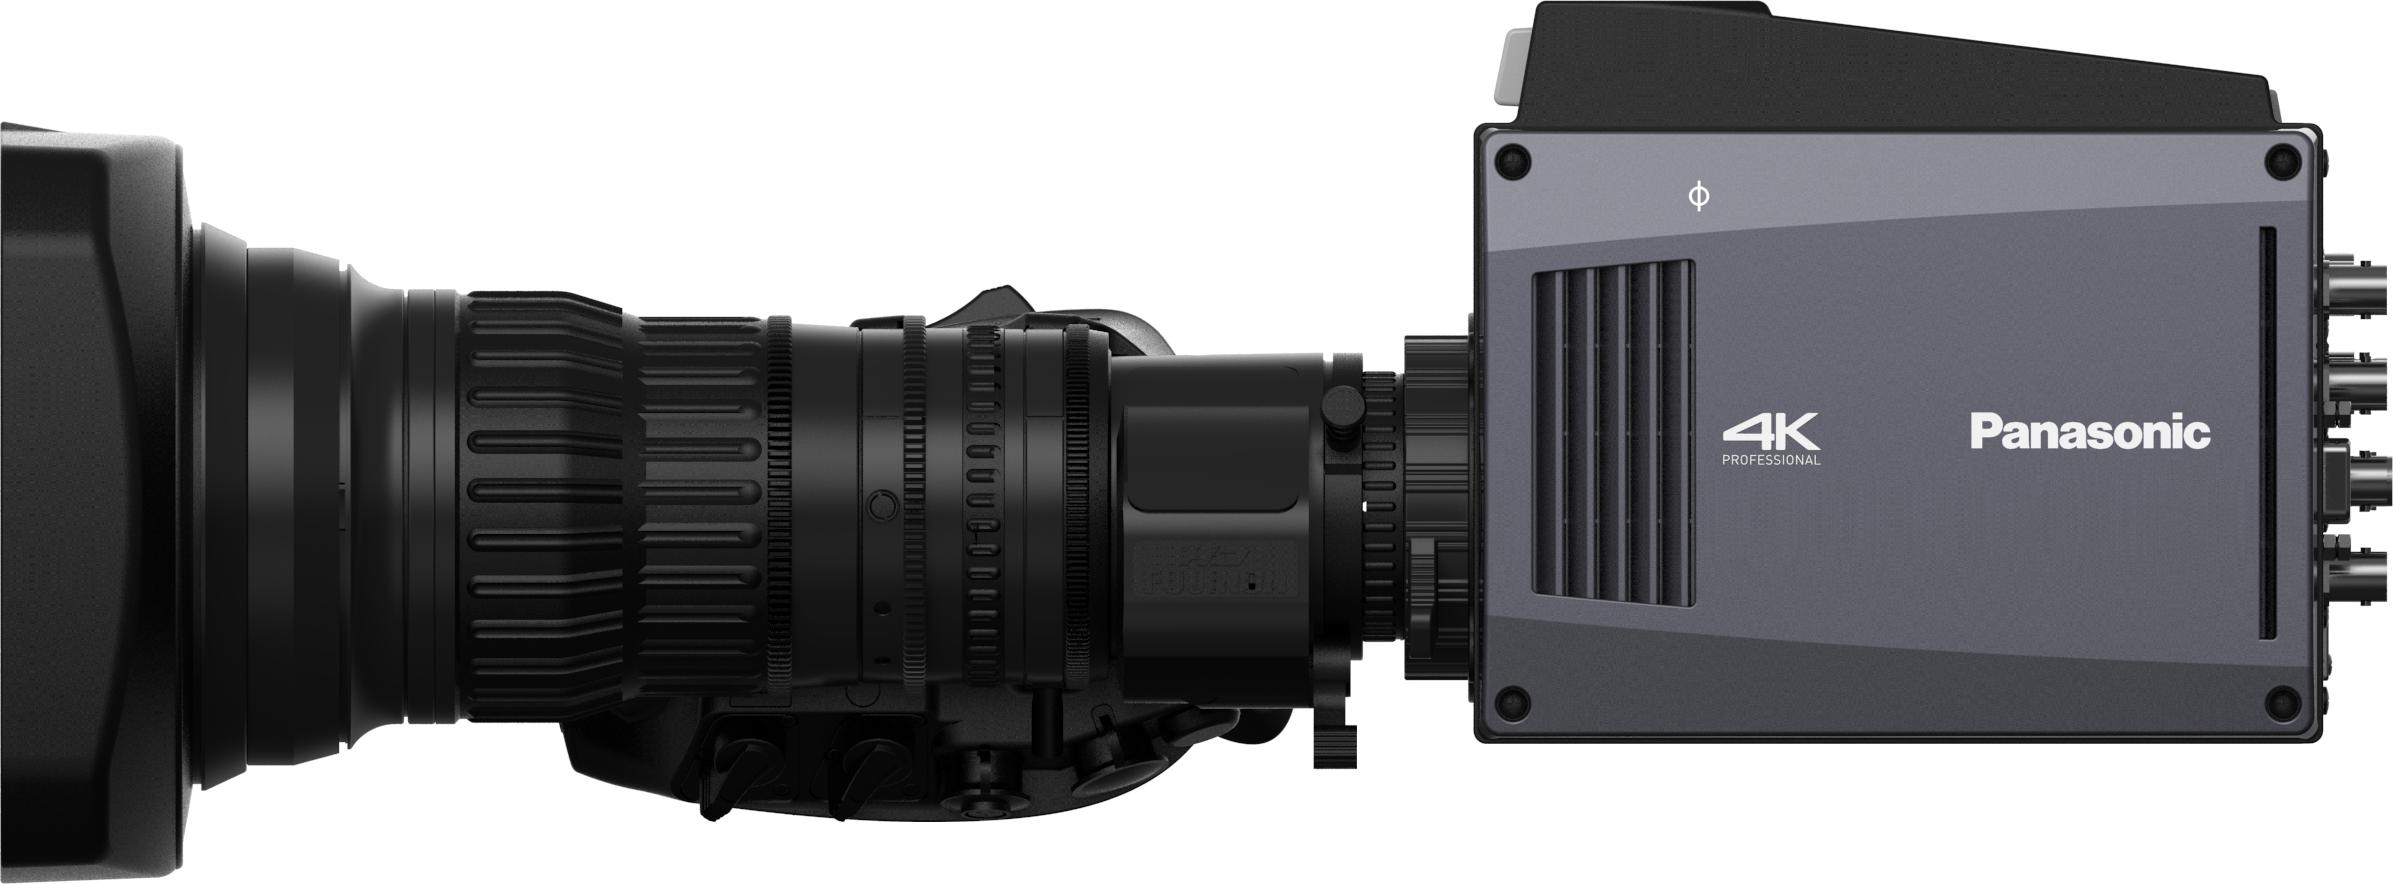 AK-UB300 Panasonic